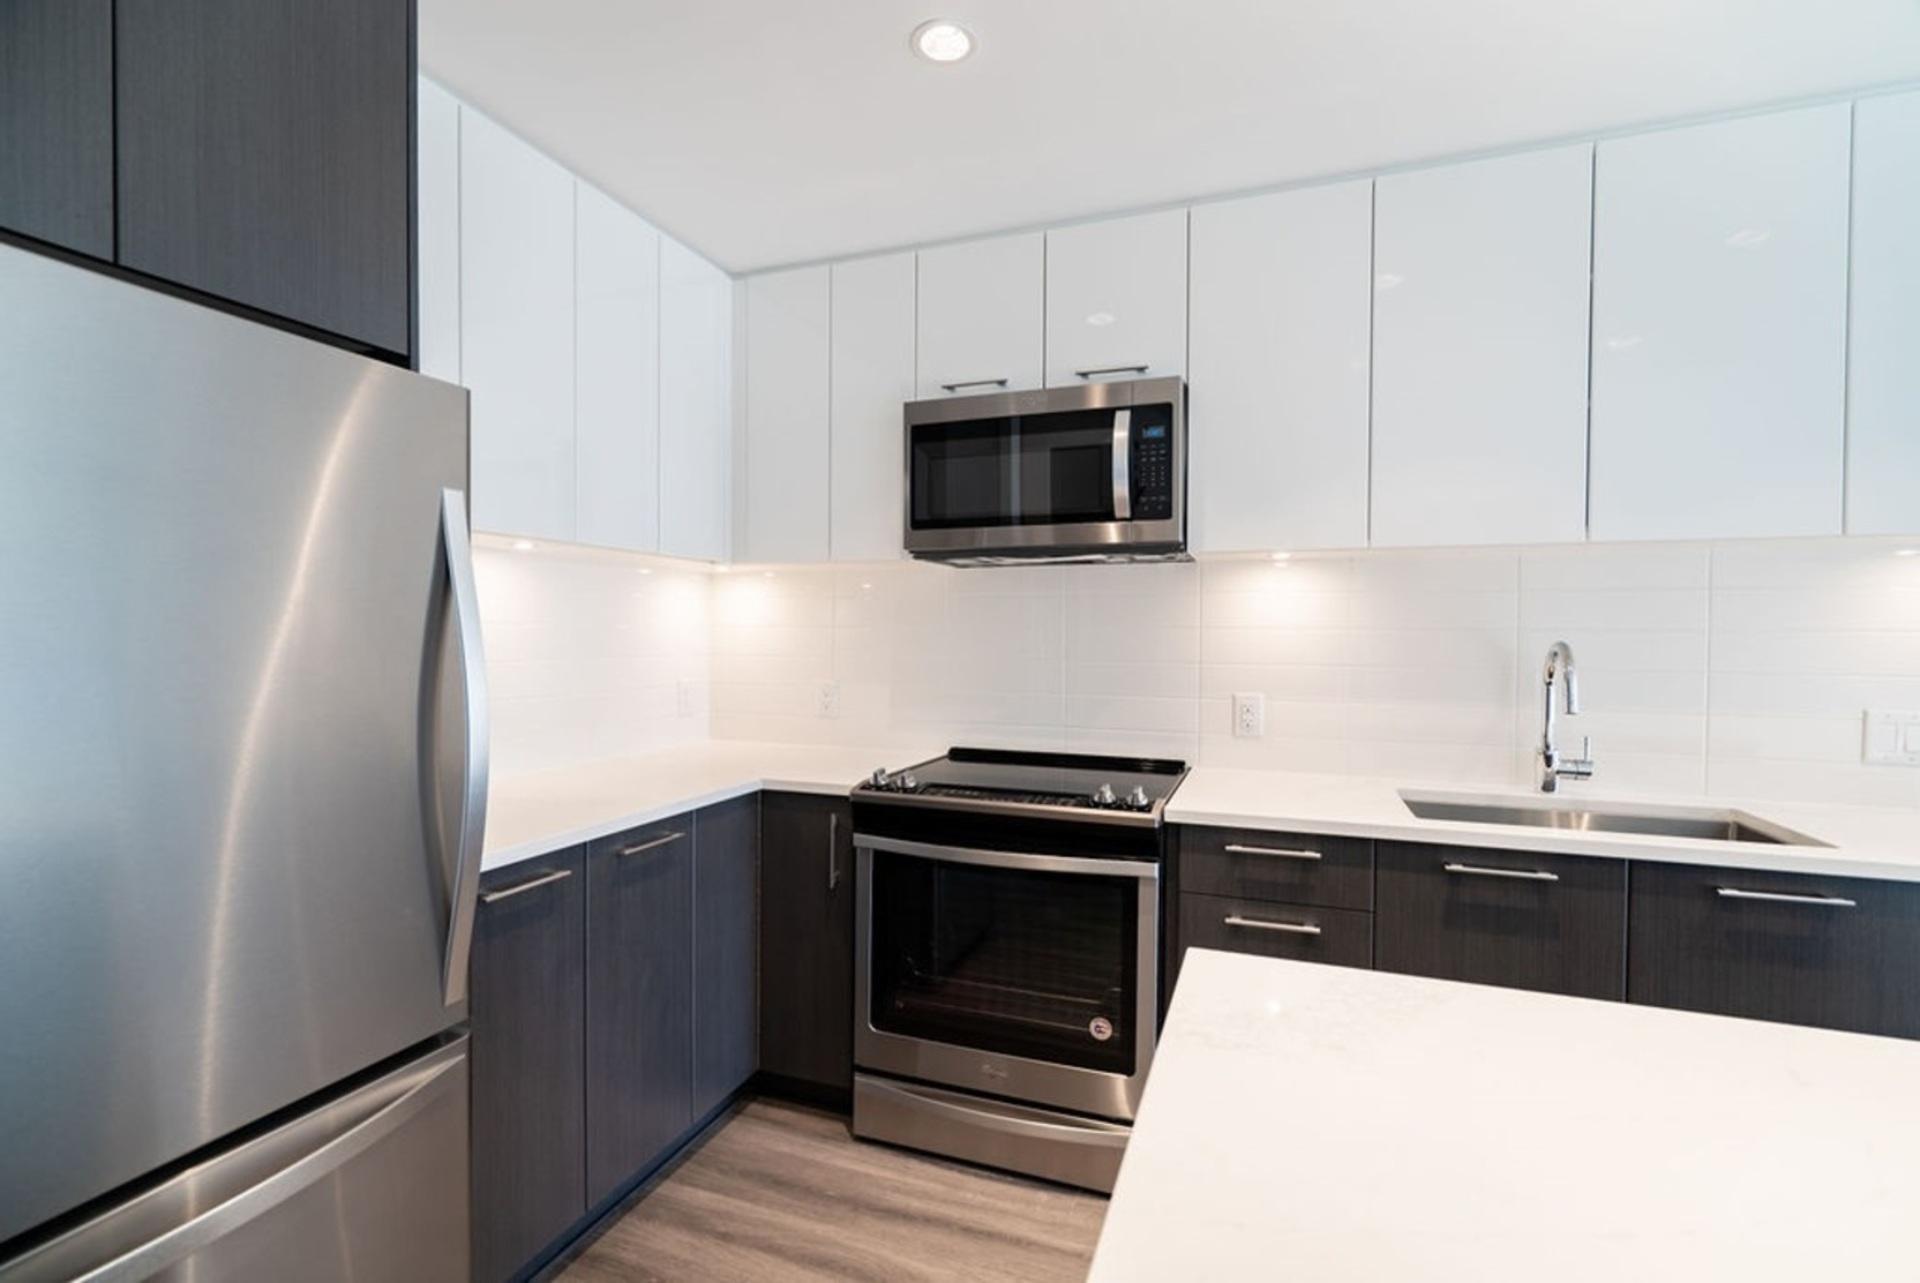 2382-atkins-avenue-central-pt-coquitlam-port-coquitlam-05 at 210 - 2382 Atkins Avenue, Central Pt Coquitlam, Port Coquitlam